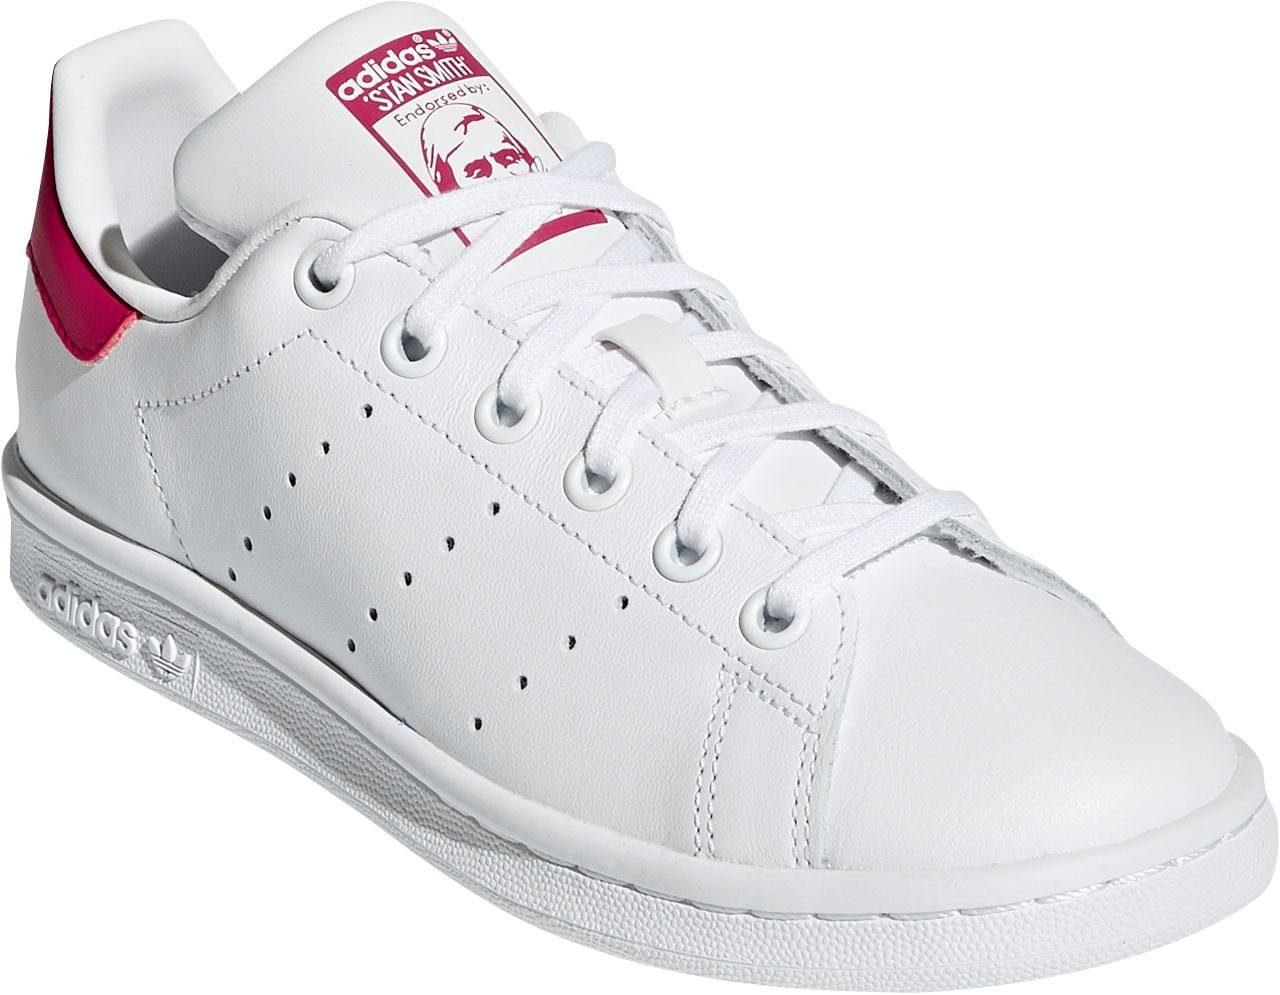 adidas Originals »STAN SMITH« Sneaker kaufen   OTTO